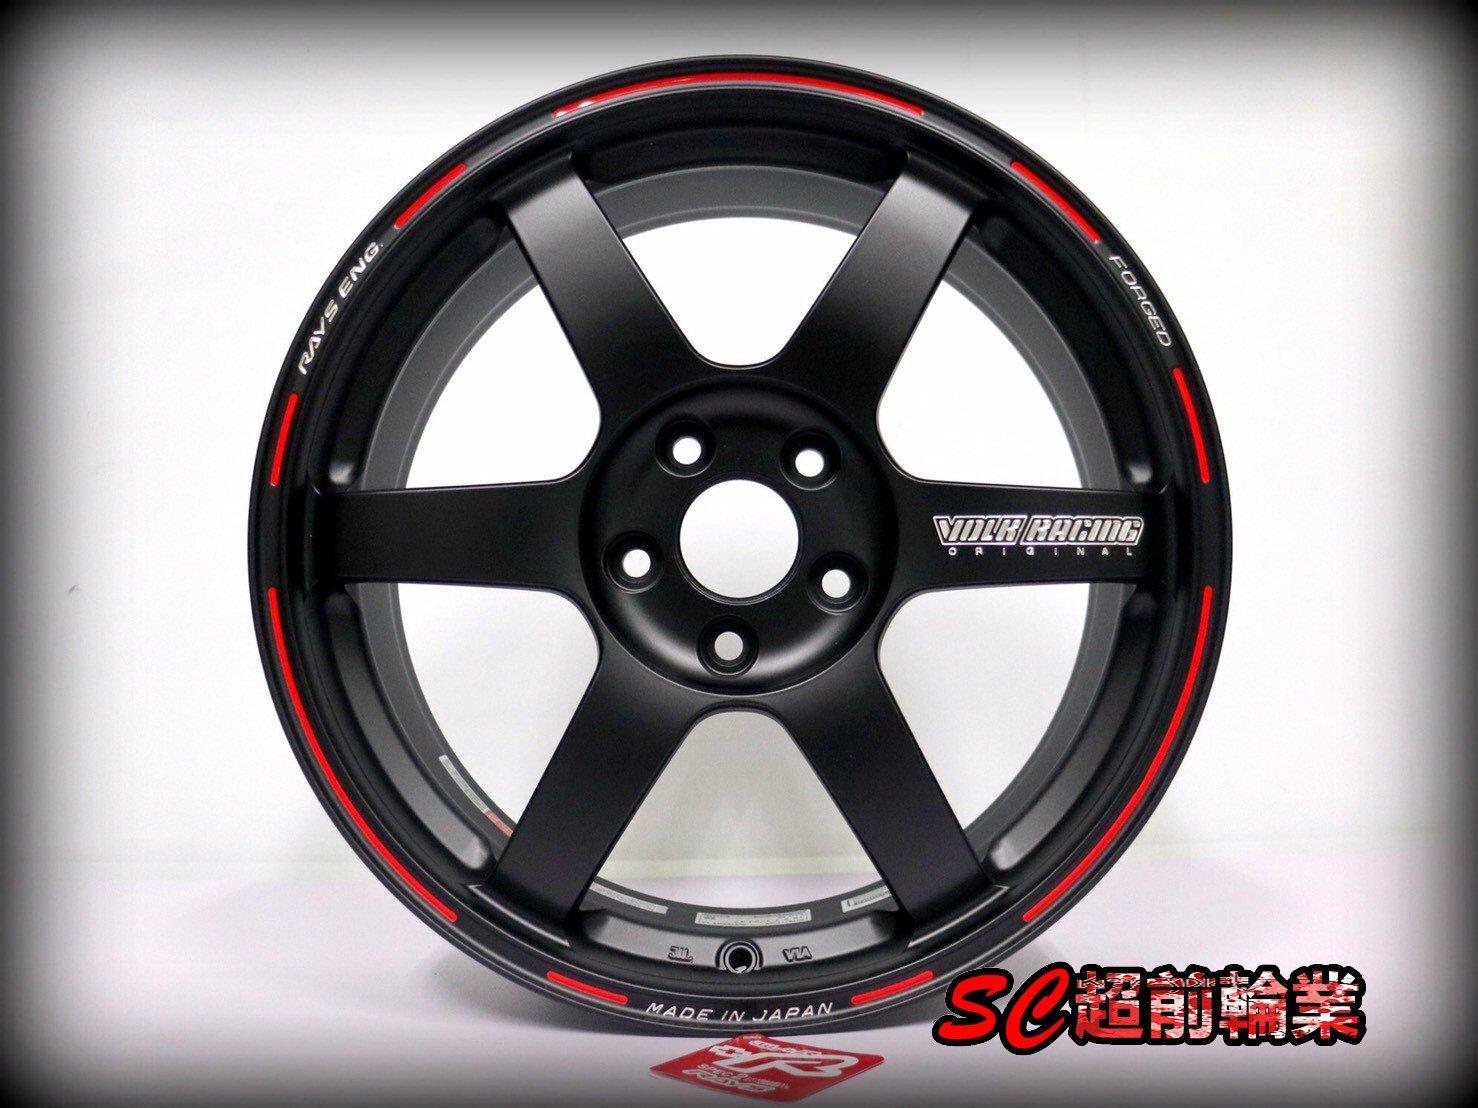 【超前輪業】正品 日本製 RAYS TE37 鍛造 18吋鋁圈 5孔120 5孔112 5孔114 消光黑紅邊